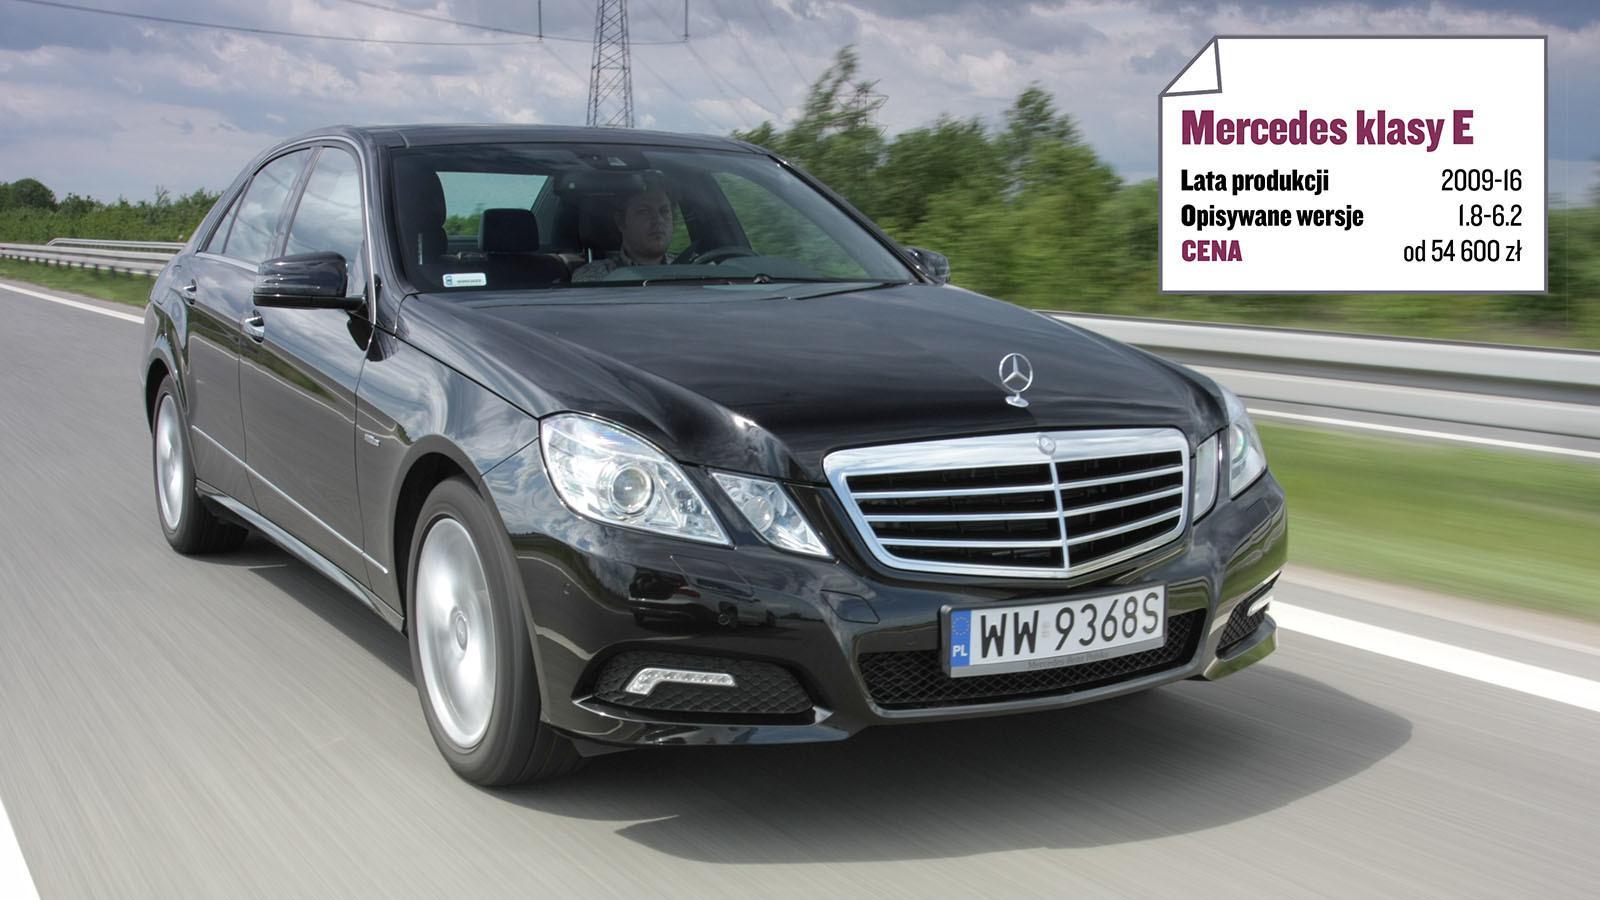 Mercedes klasy E (W212/S212): gwiazda w końcu zabłysła: